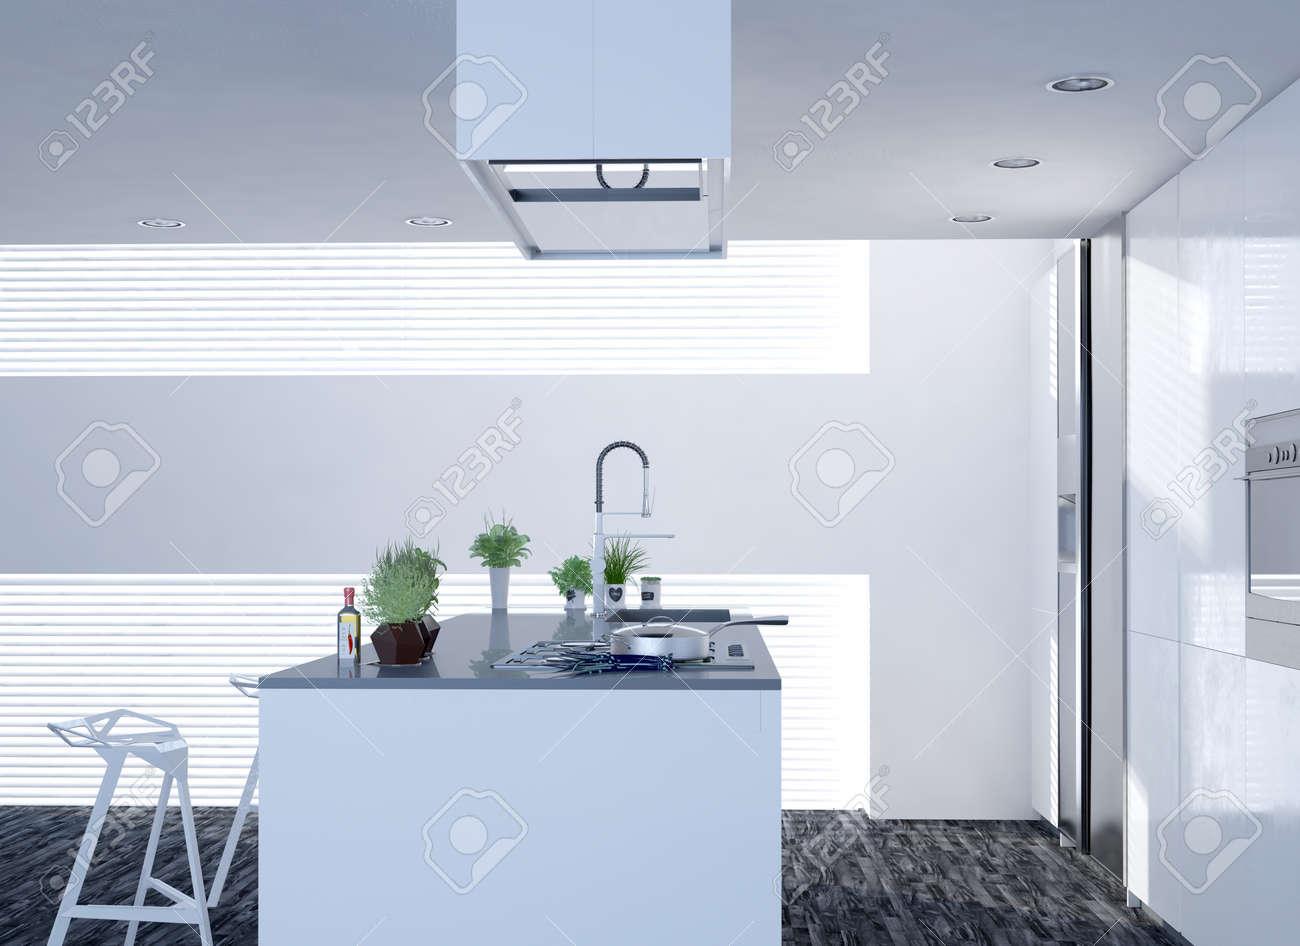 Compact Offenen Hellen Weißen Küche Mit Modernem Dekor Und Eine Zentrale  Insel Mit Barhockern, Herd